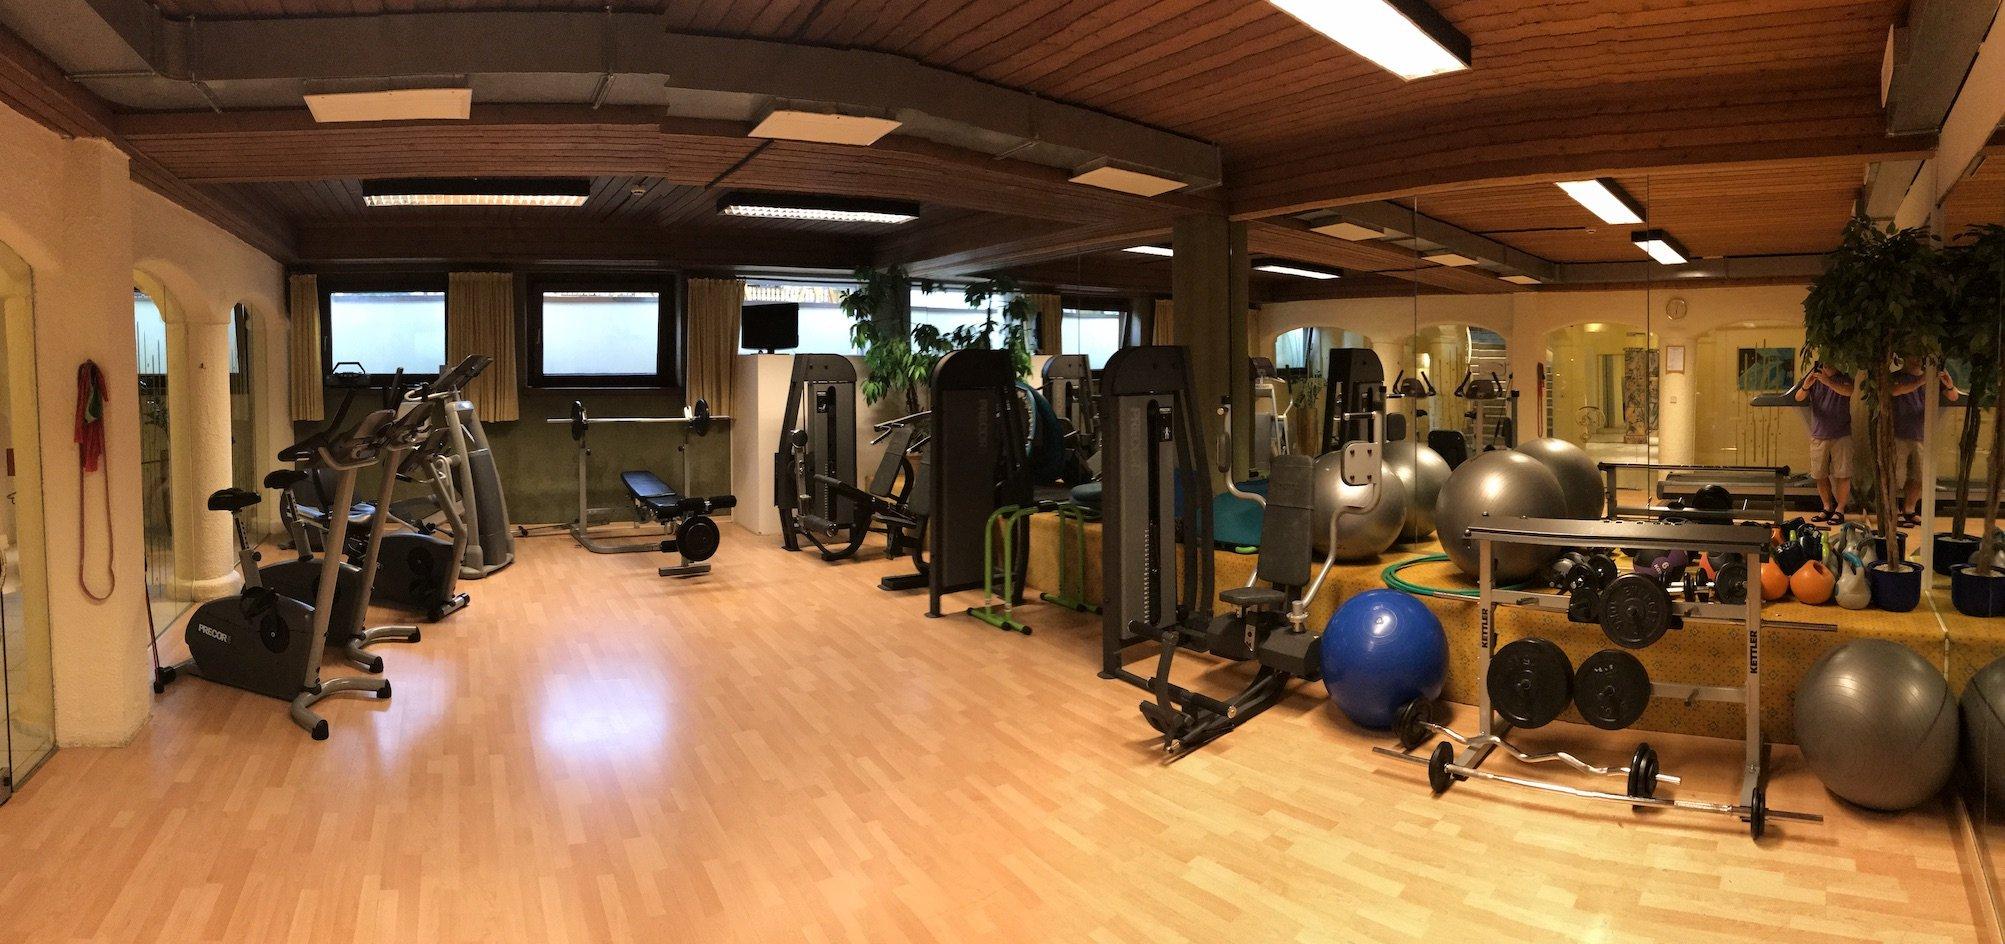 Fitnessraum im Hotel Pulverer